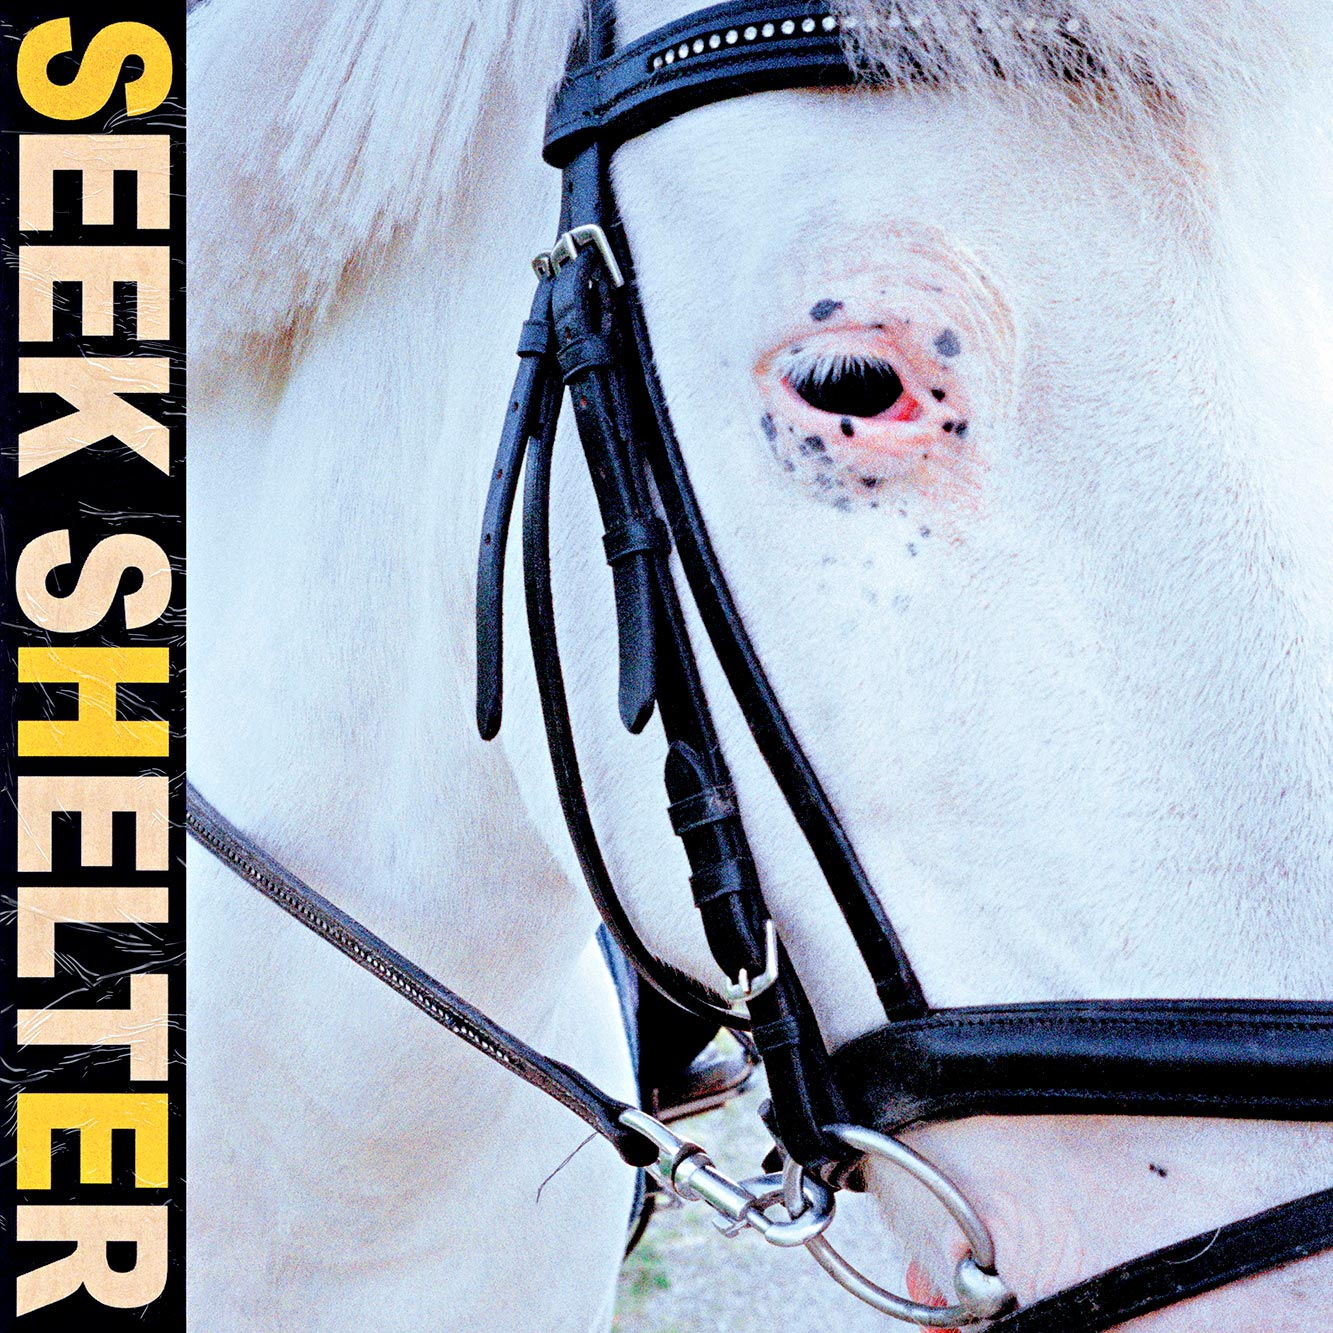 Iceage—Seek Shelter